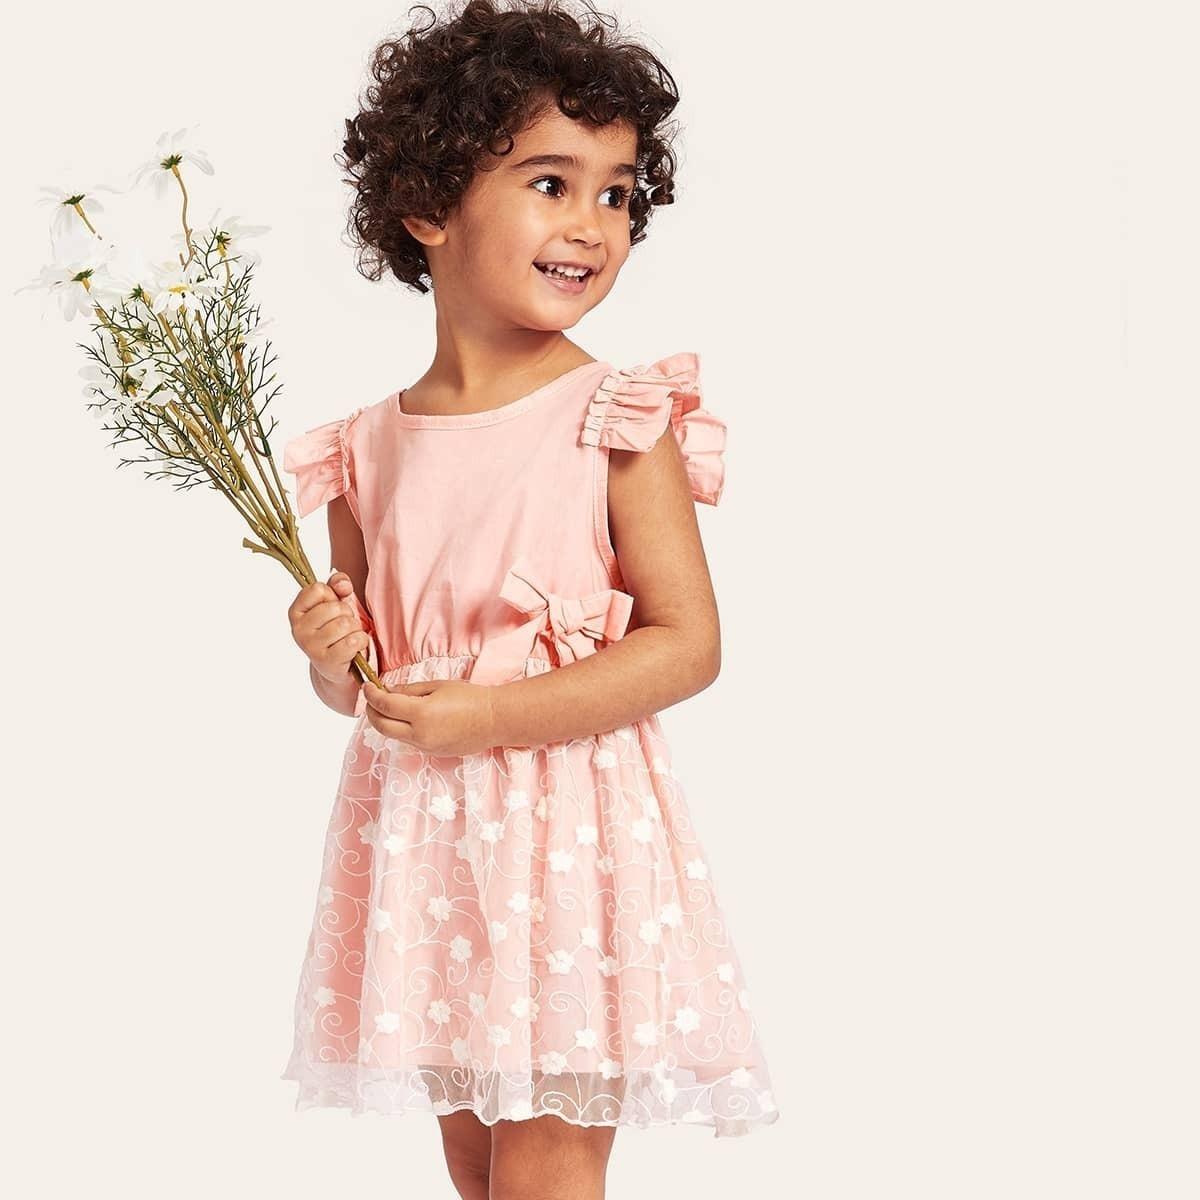 SHEIN / Kleinkind Mädchen Kleid mit Schleife vorn und Raffung